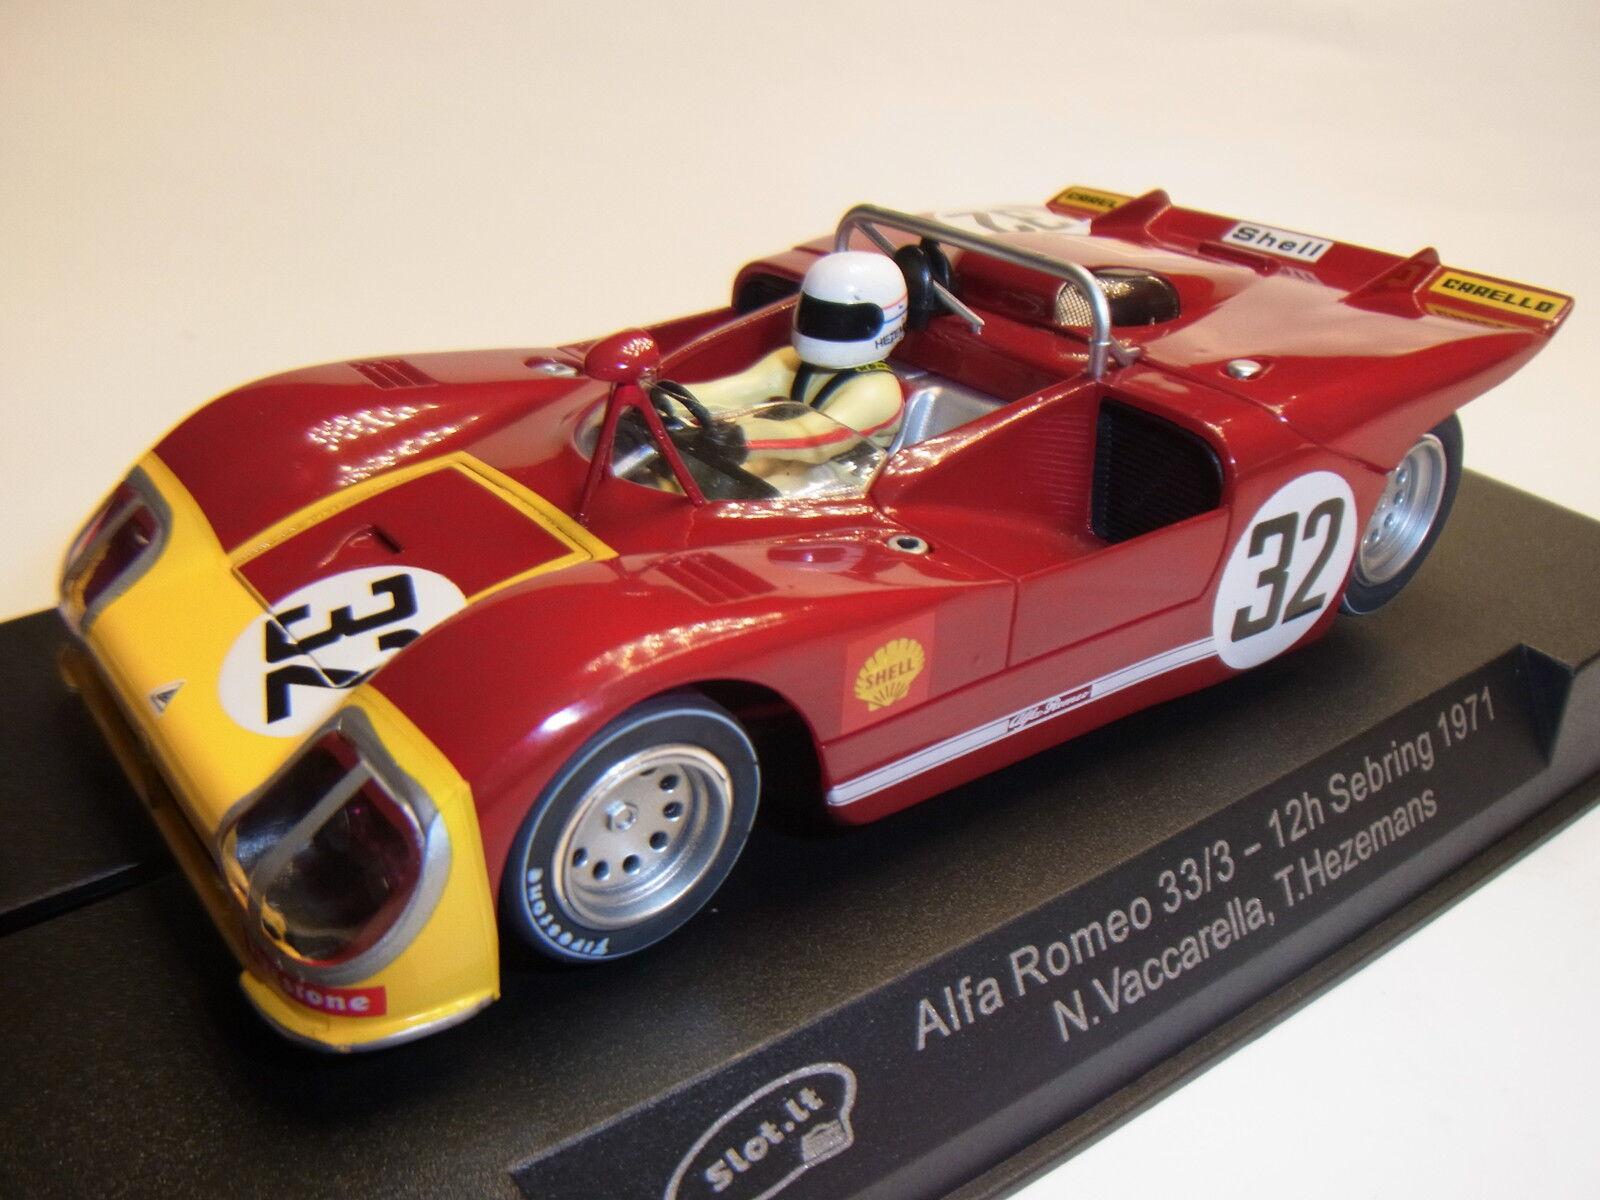 Slot  Alfa Romeo 33 3 12h Sebbague  32  1971 Circuit Roucravater Électrique 1 3 2 de  vente en ligne